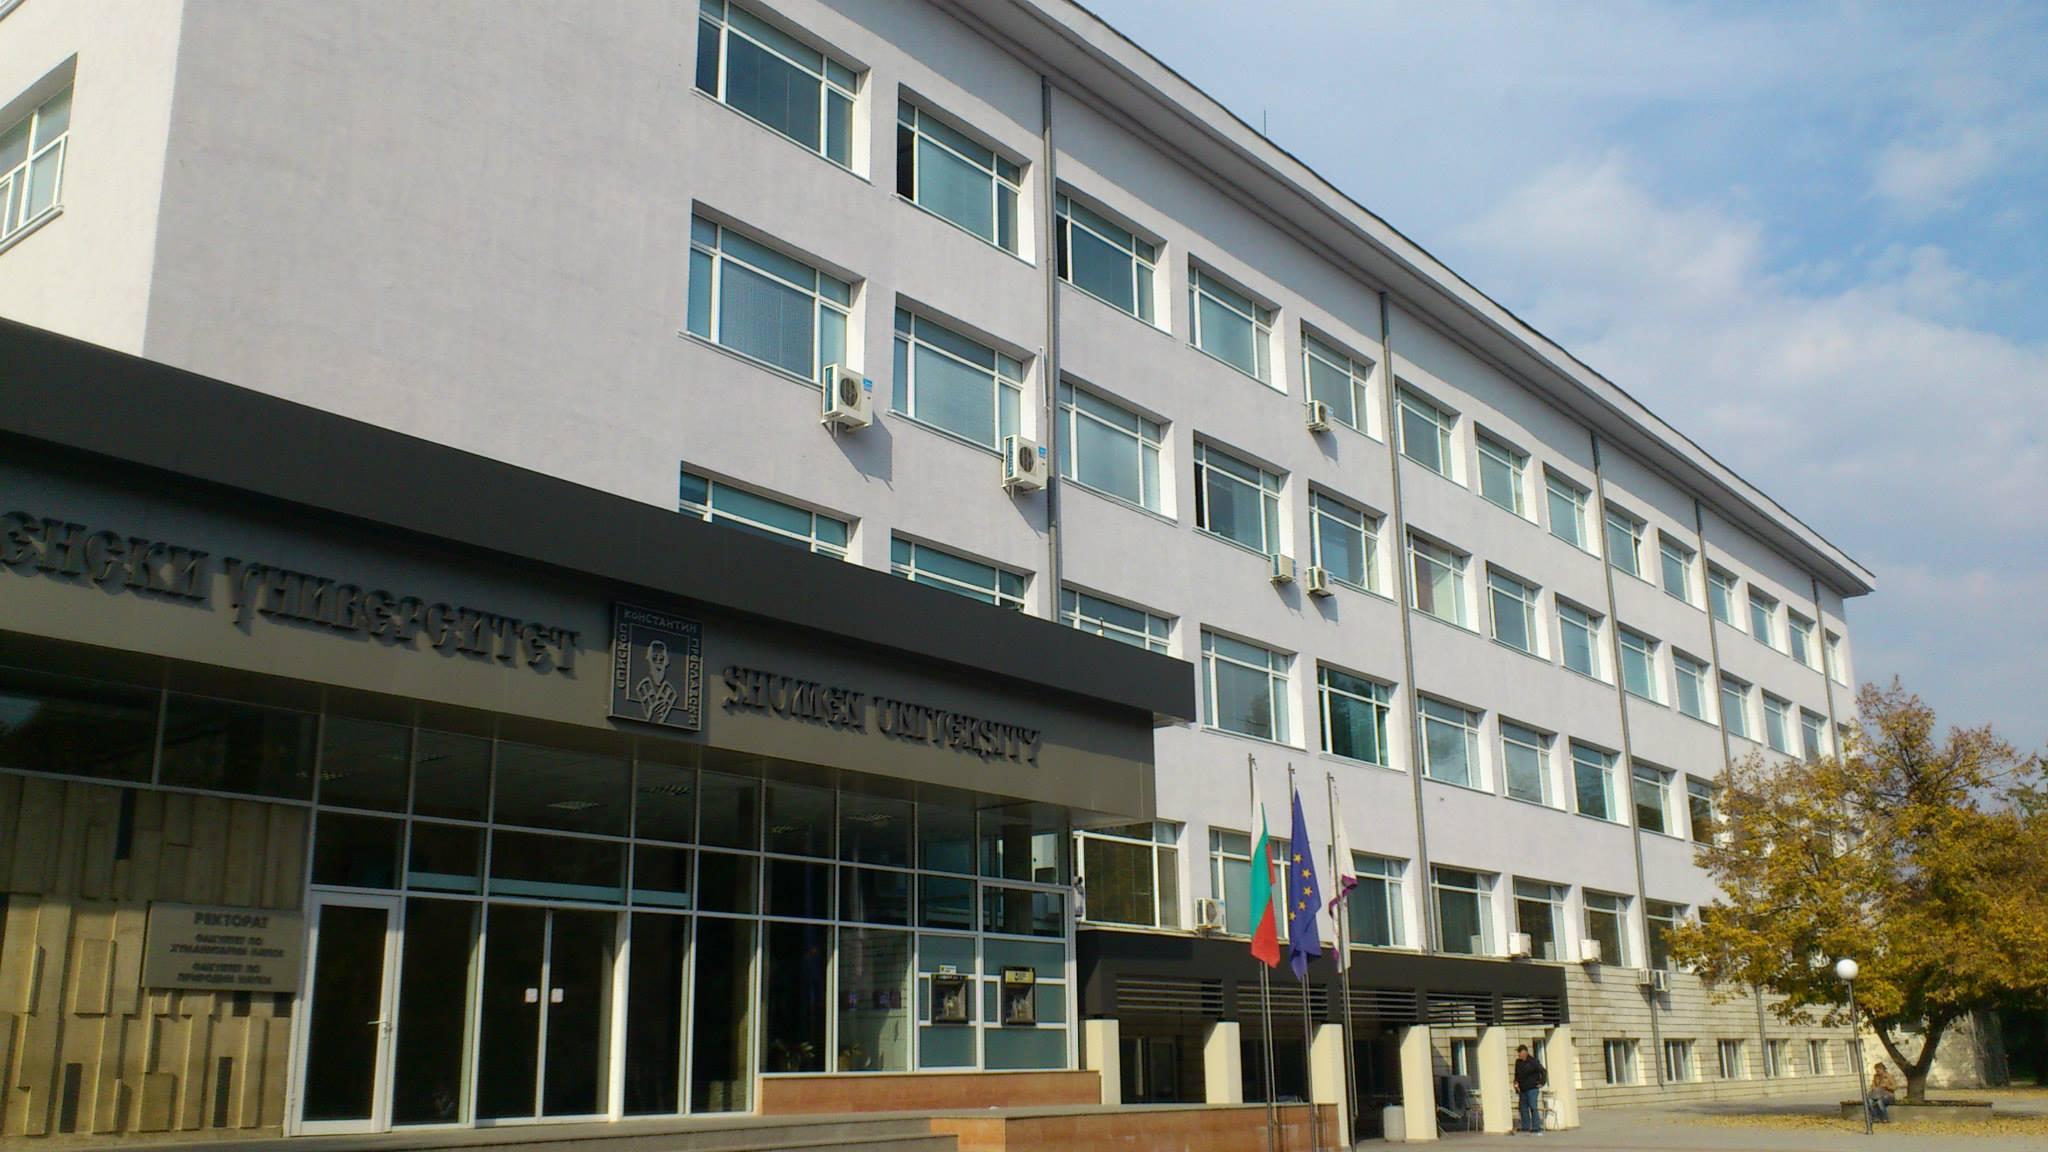 Шуменски университет – специалности